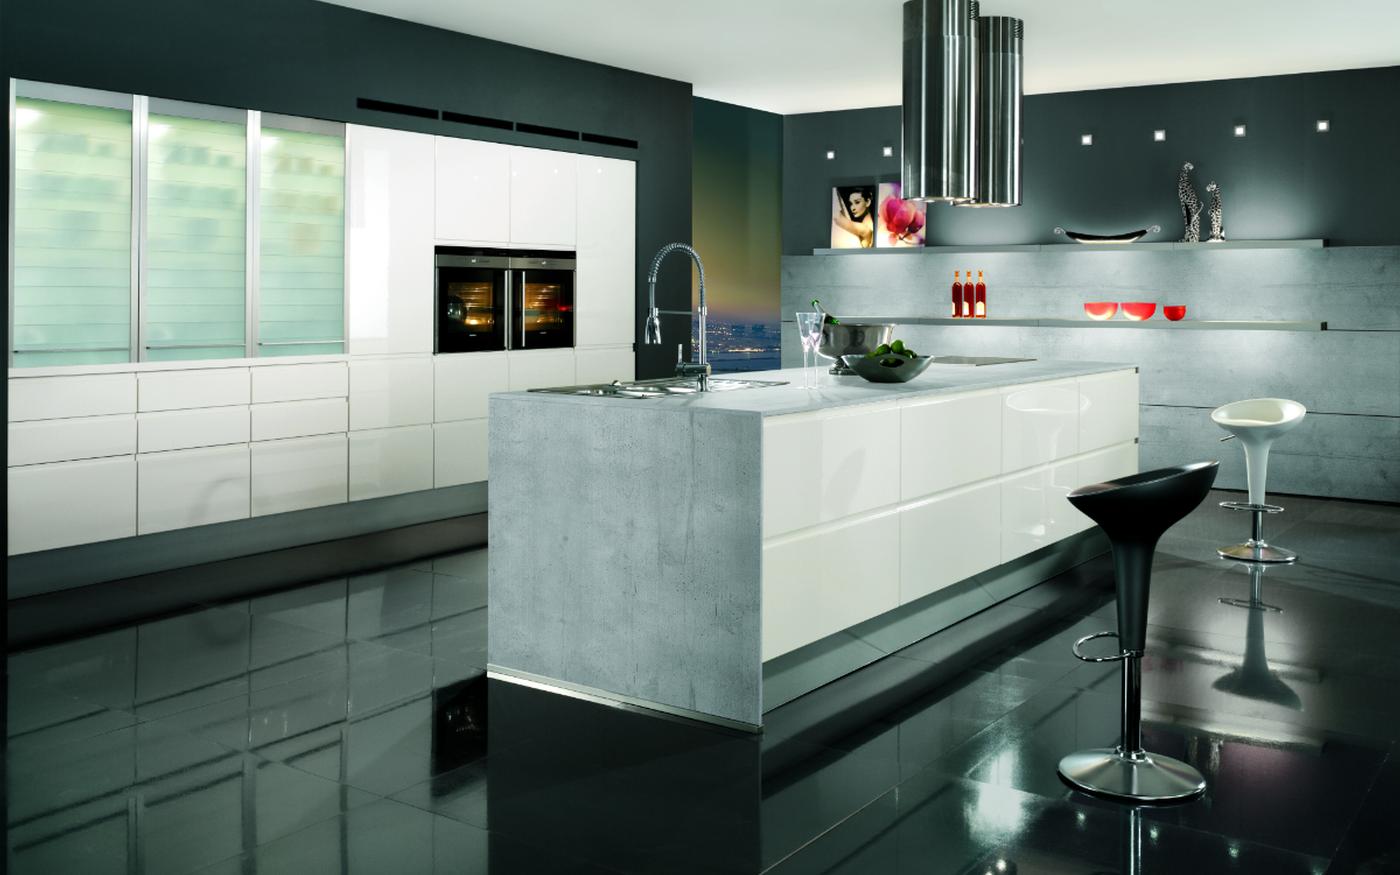 Küchengestaltung Kleine Küche ~ Küchengestaltung Rockstar Küche